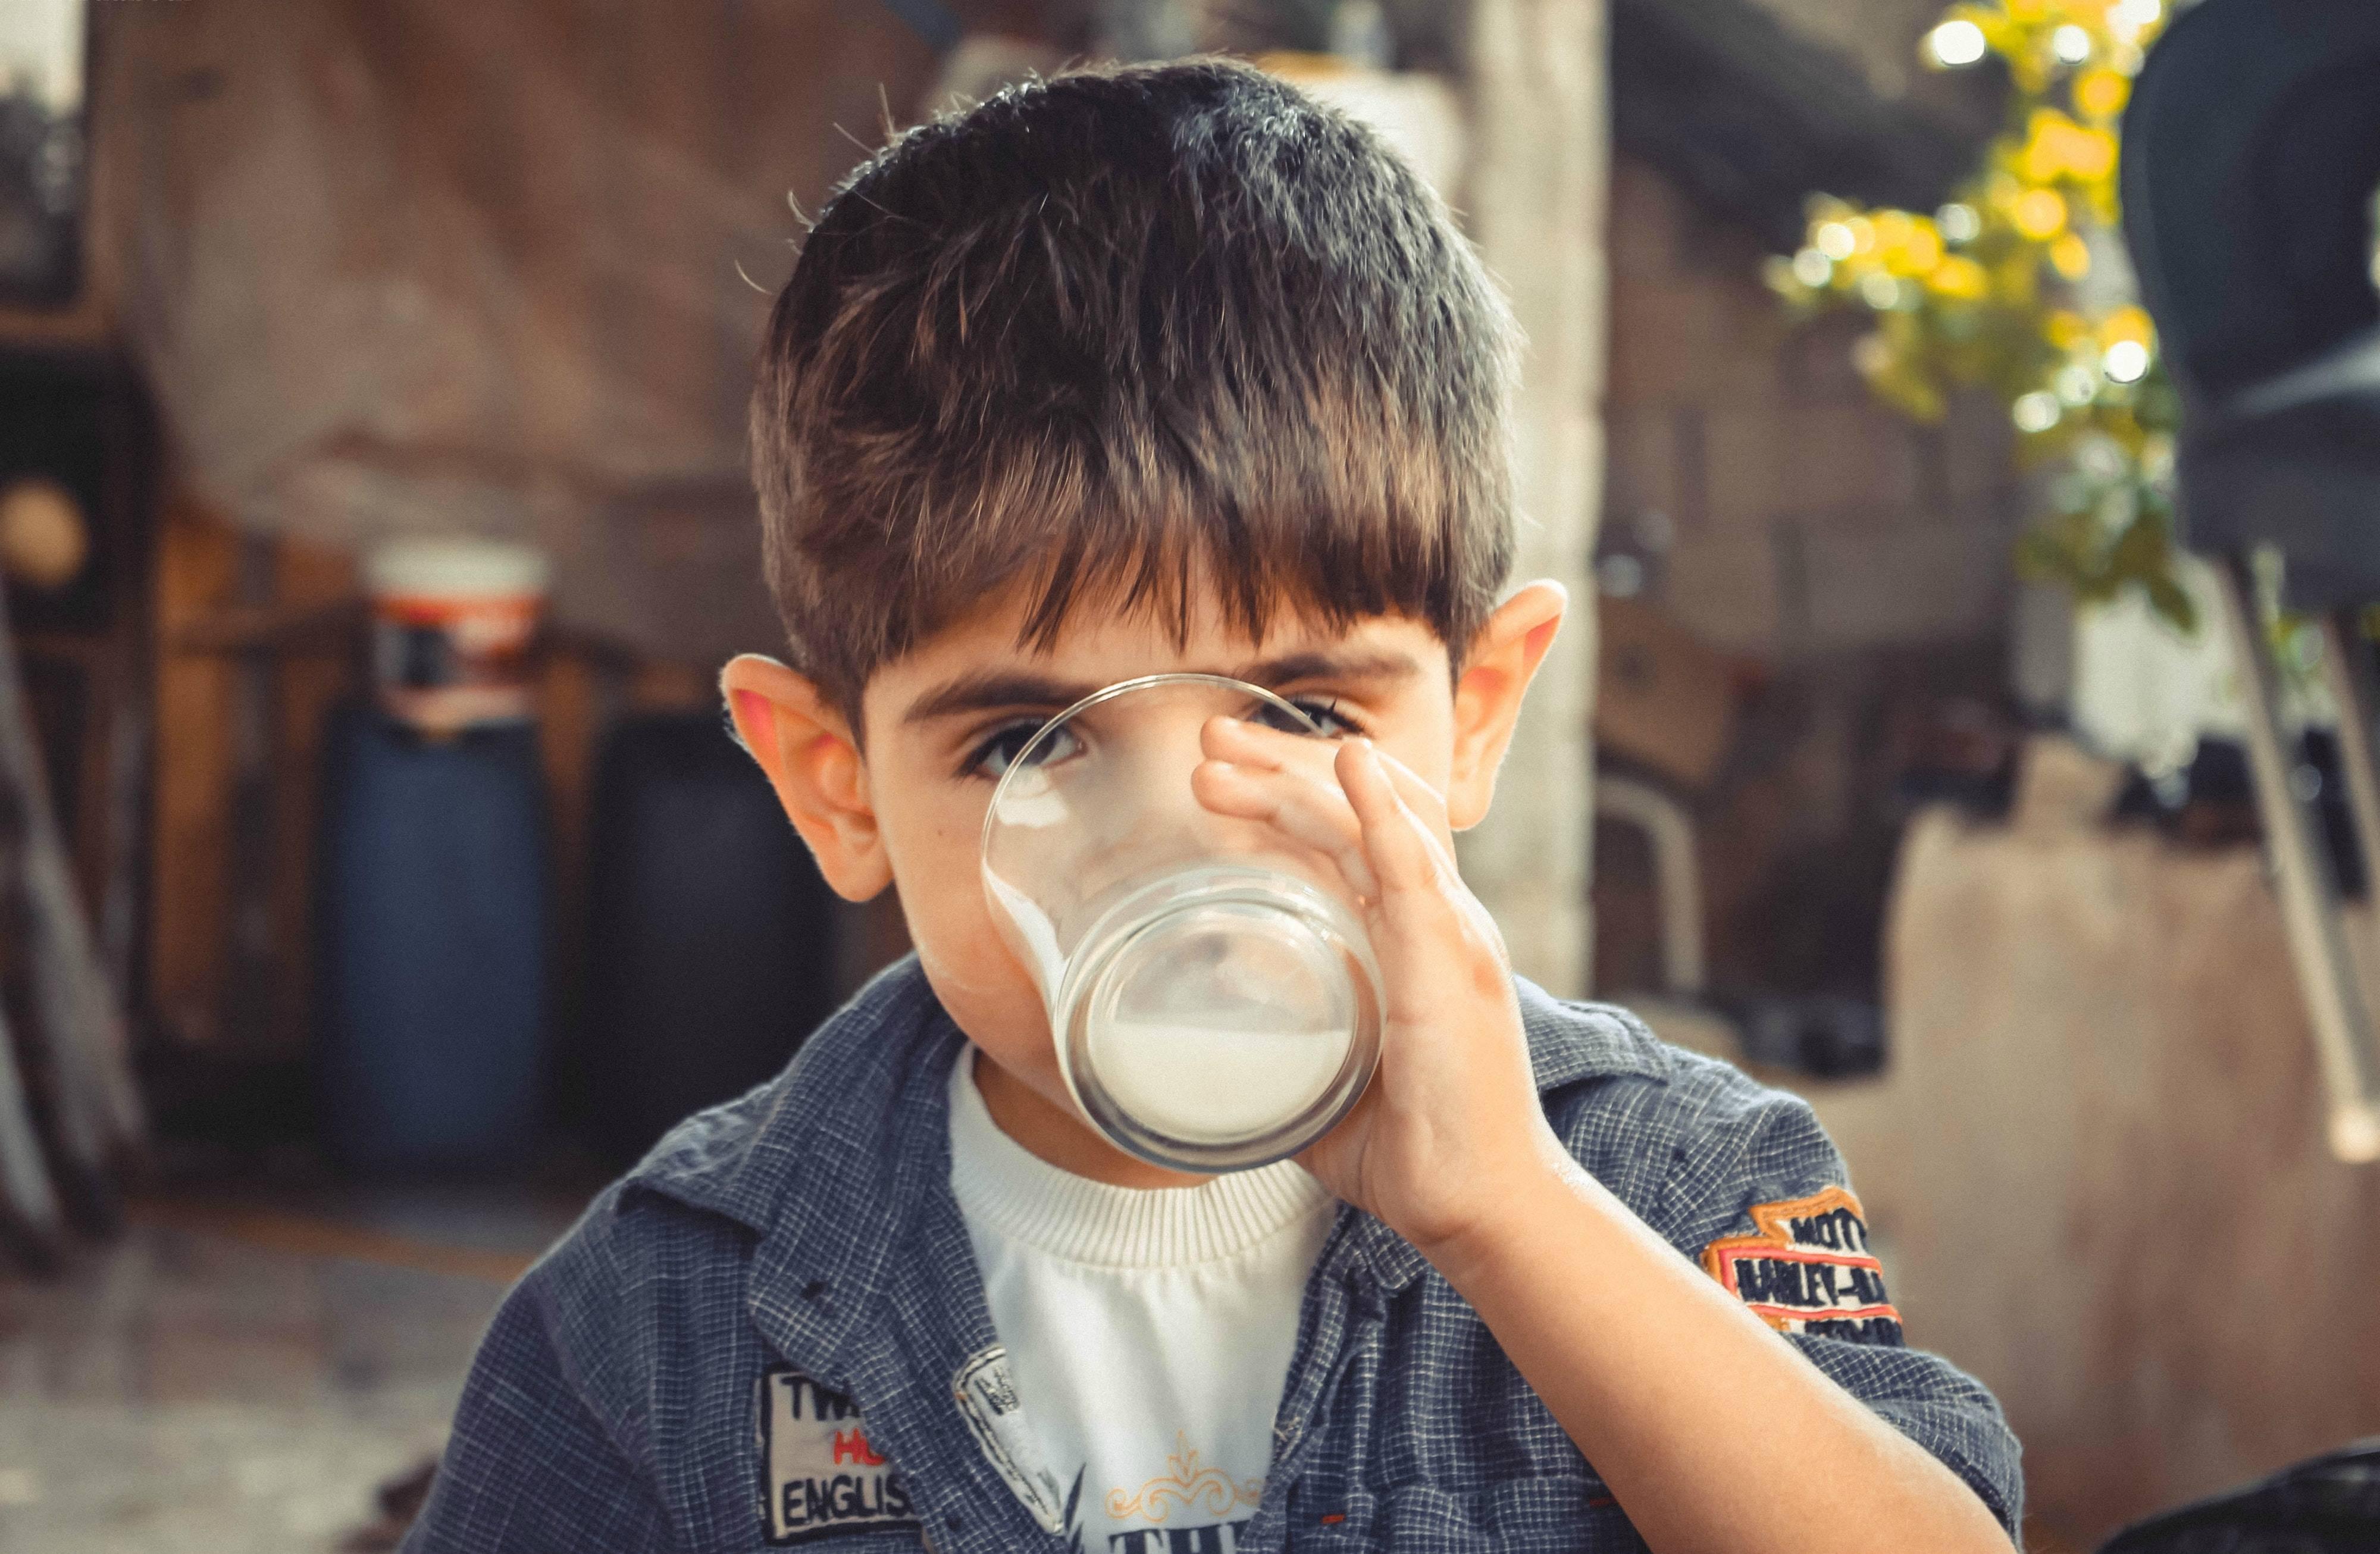 Millones de personas creen erróneamente que tienen alergias a ciertos alimentos